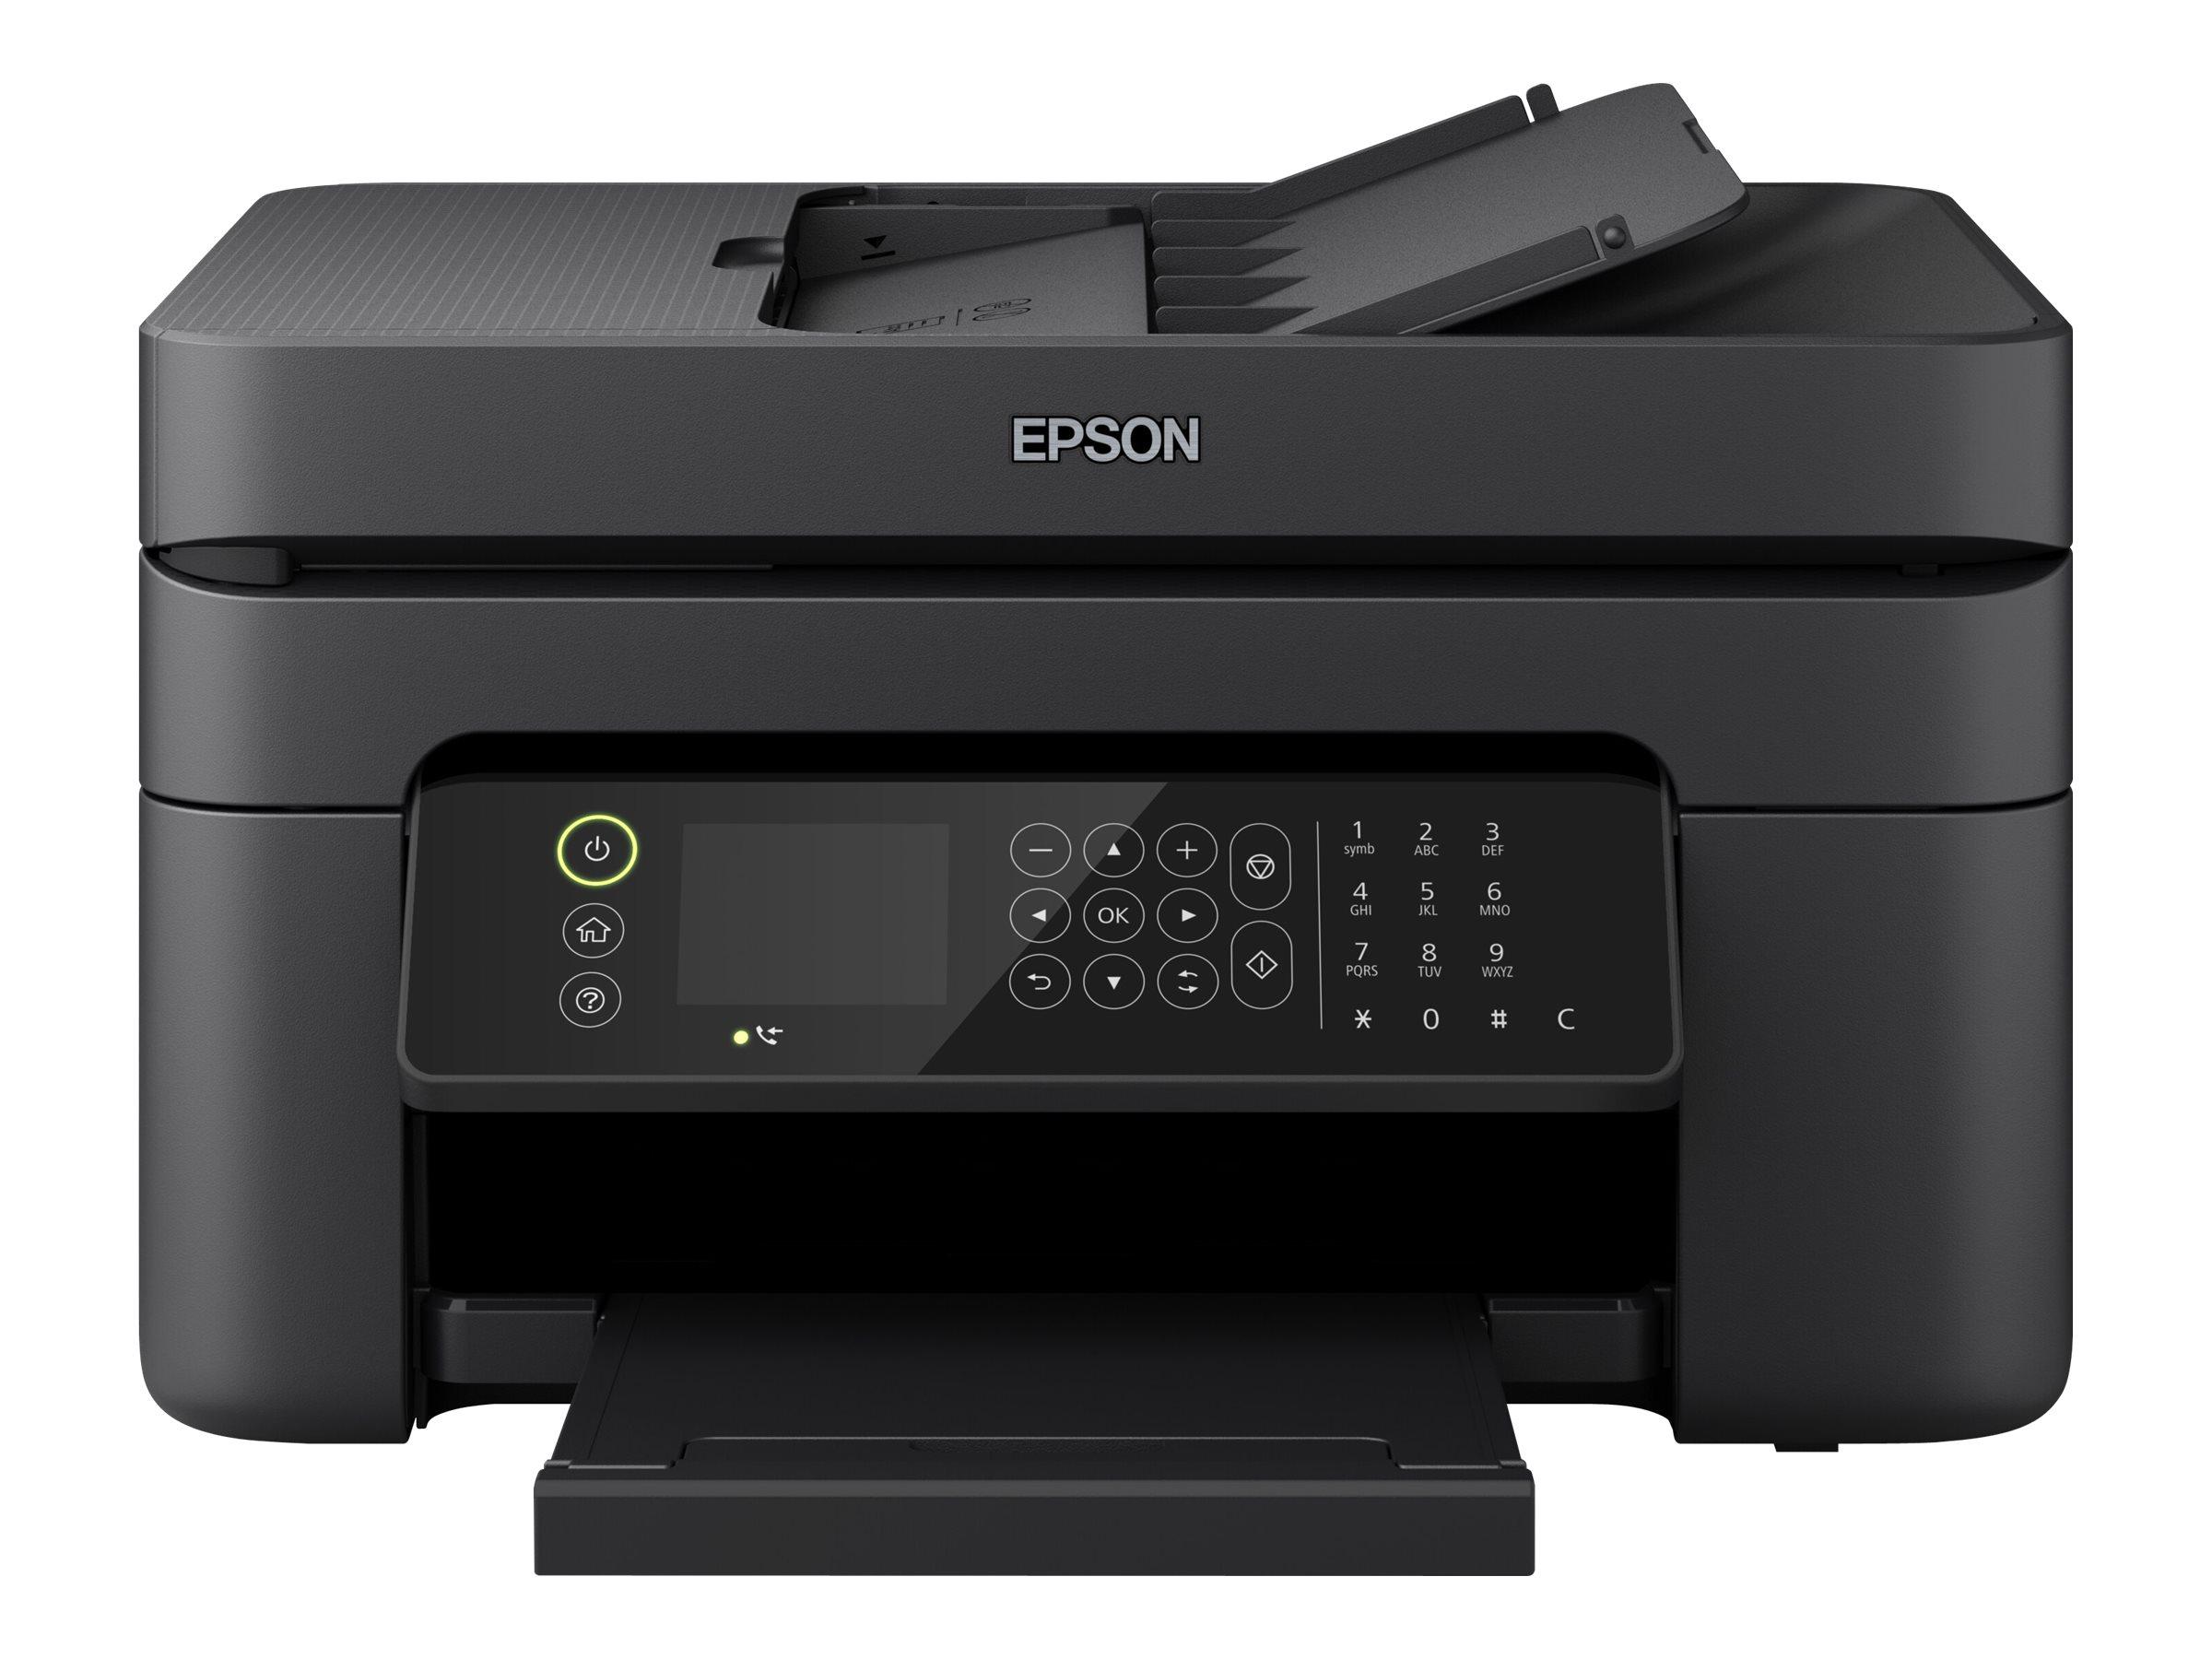 Epson WorkForce WF-2850DWF - Multifunktionsdrucker - Farbe - Tintenstrahl - A4/Legal (Medien) - bis zu 33 Seiten/Min. (Drucken)